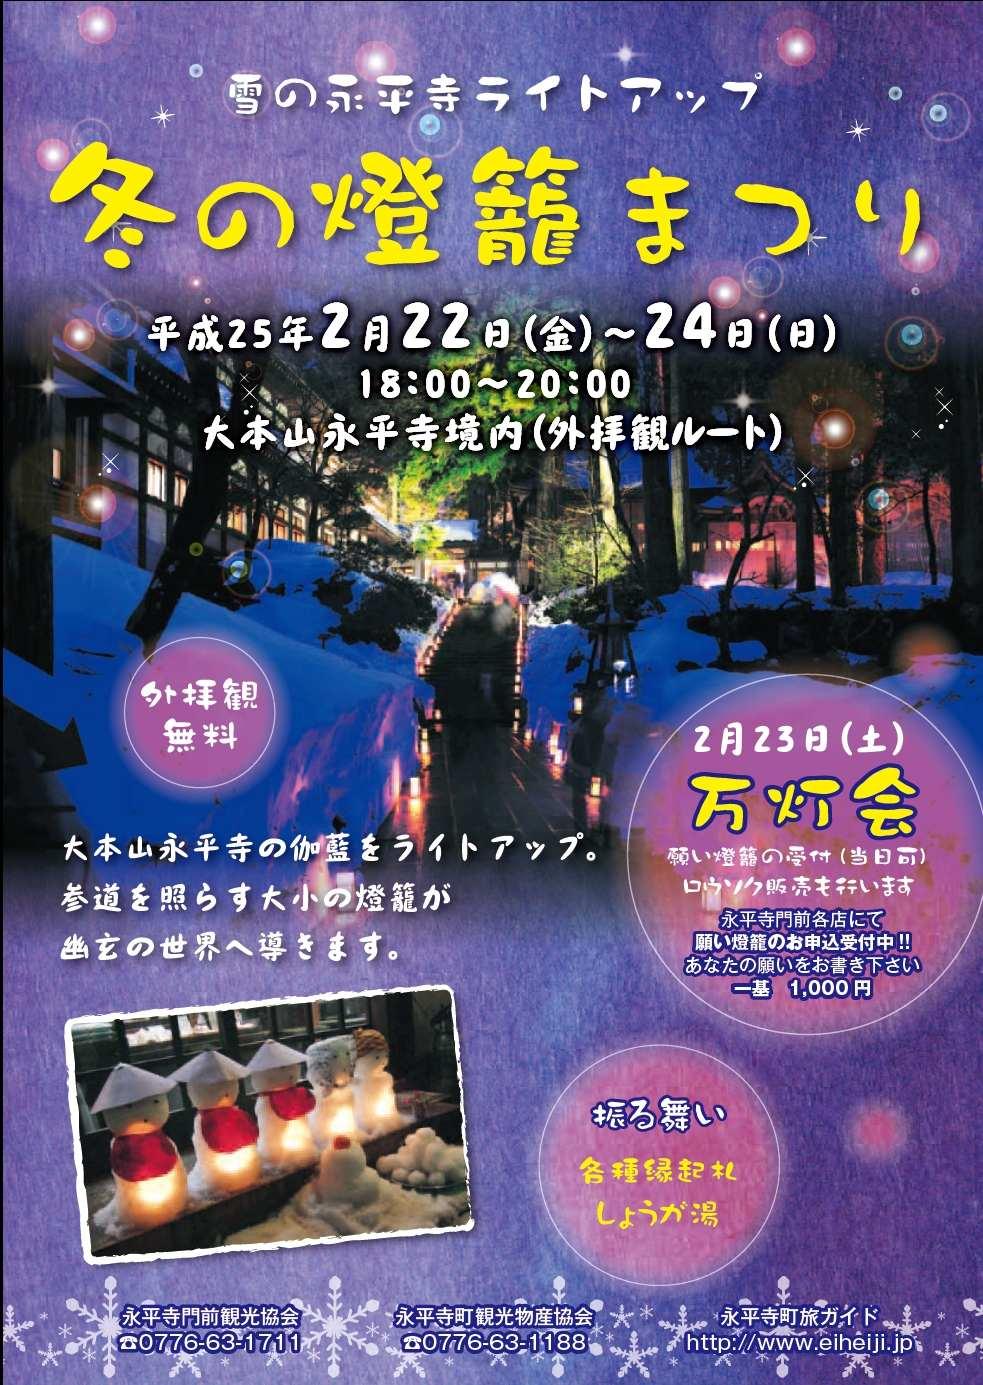 永平寺冬の燈籠まつり2013